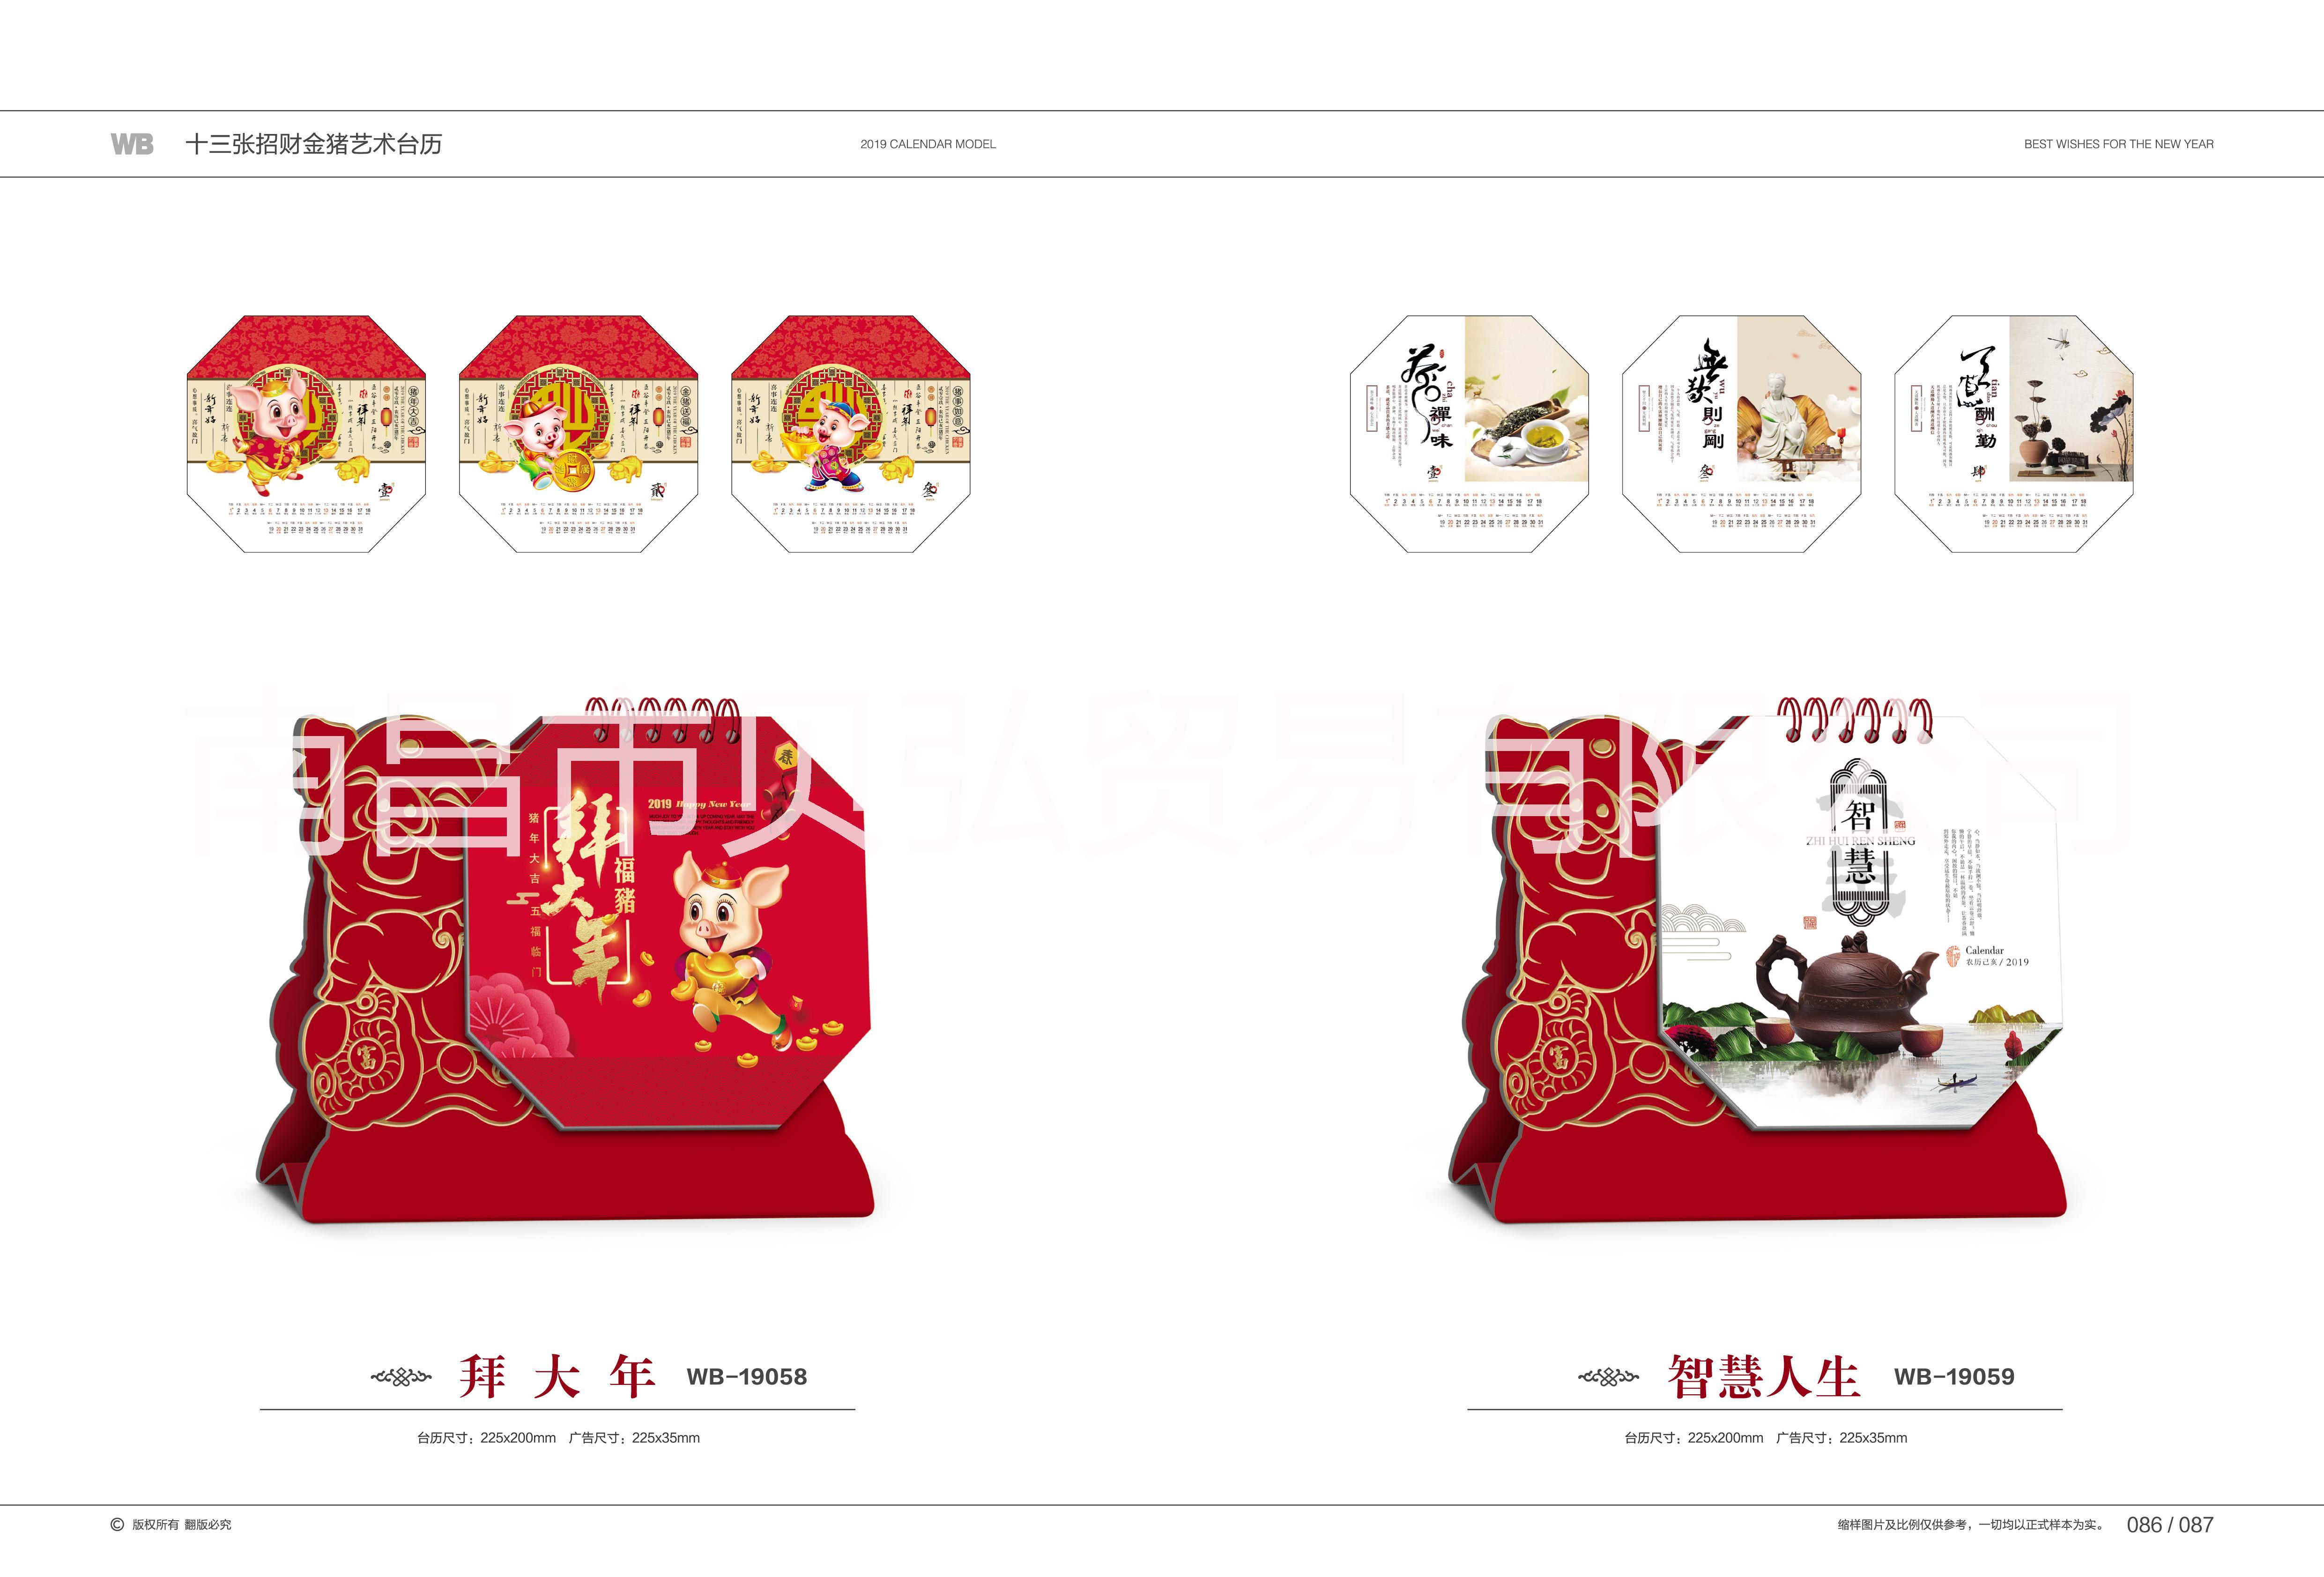 上饶台历、挂历、福牌、对联印刷厂专业定制印刷logo3-5天出货